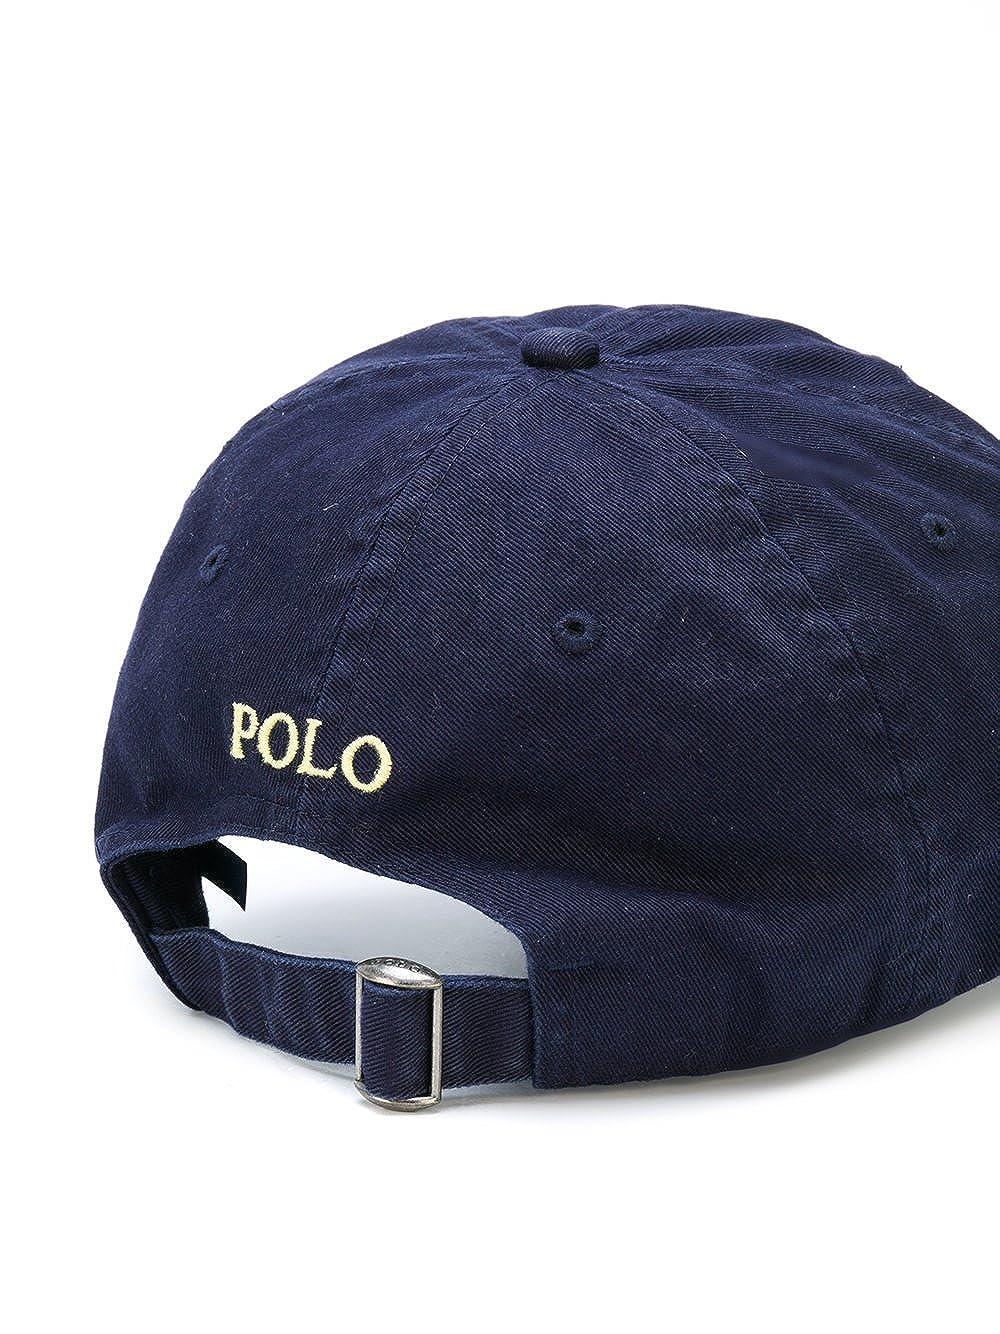 Polo Ralph Lauren Hat Gorra clásica Sombrero Hombre (BLU Navy): Amazon.es: Ropa y accesorios